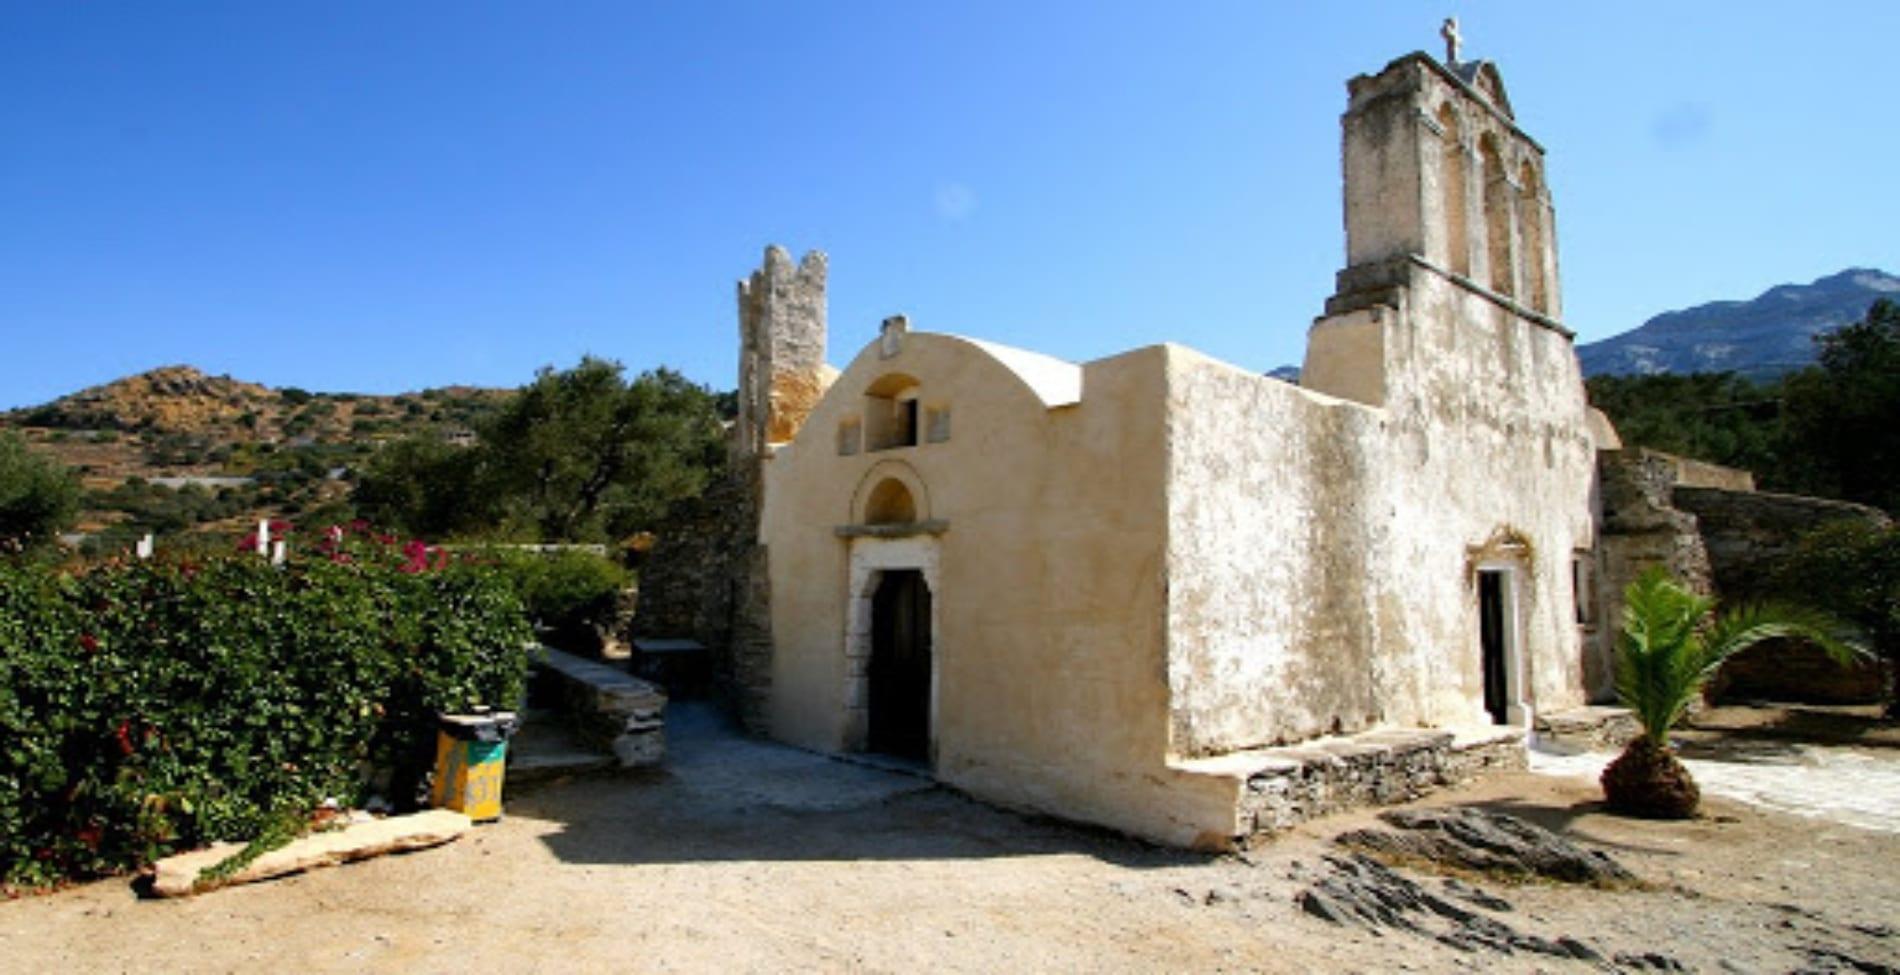 Παναγία Δροσιανή: Η πιο ιστορική παραλία της Νάξου1